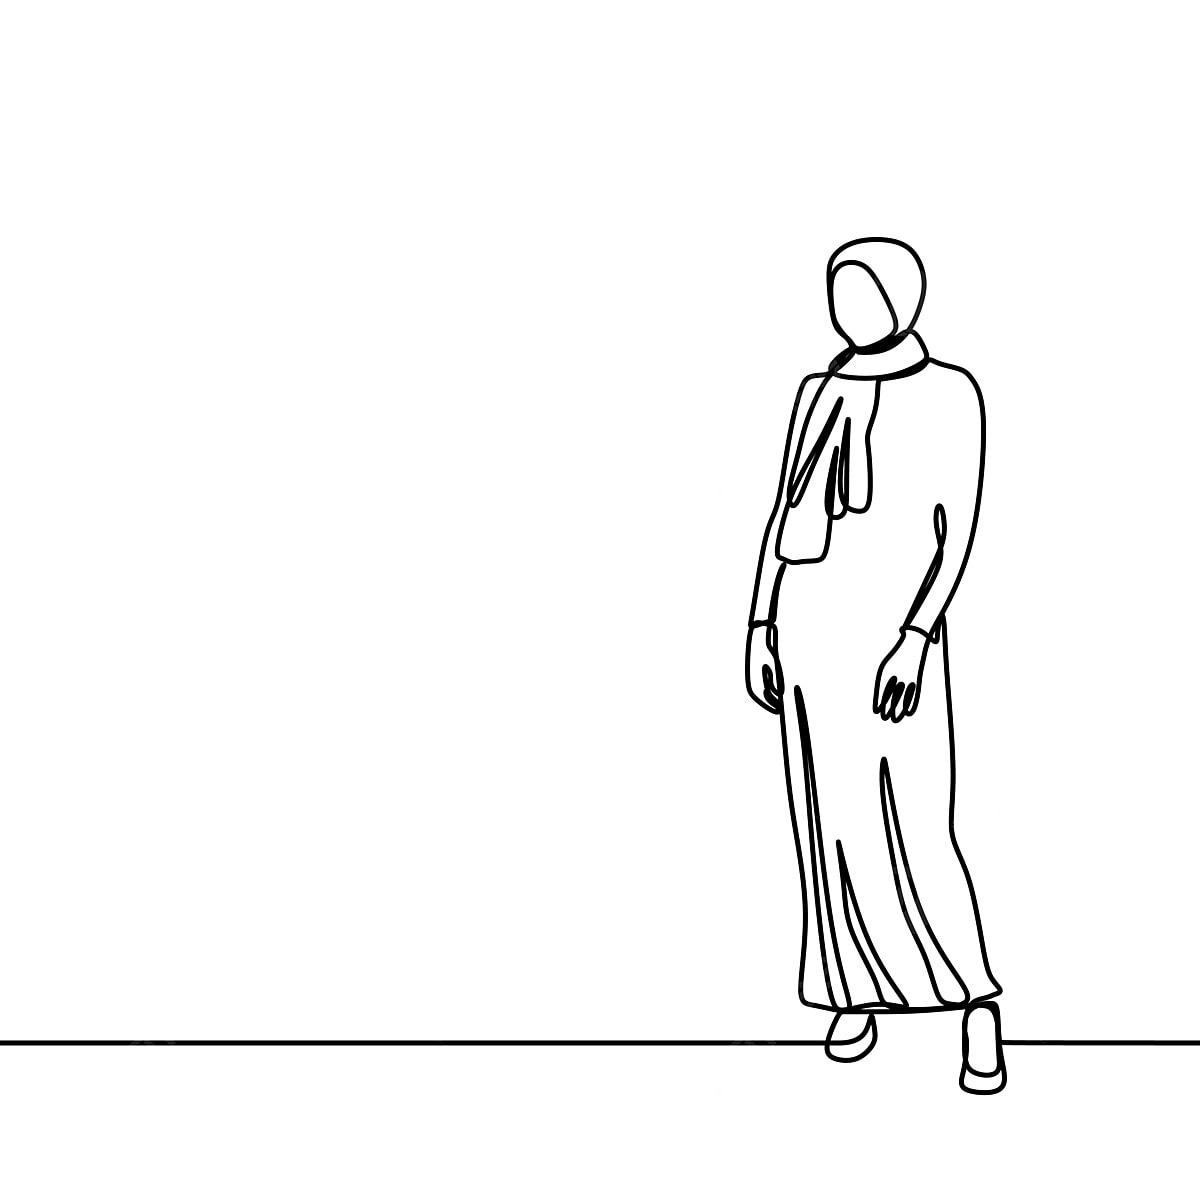 Gadis Jilbab Trendi Mengenakan Mode Modern Dengan Satu Garis Seni Menggambar Vektor Ilustrasi Kontinu Desain Minimalis Terisolasi Pada Ilustrasi Vektor Latar Belakang Putih Islam Asia Cantik Png Dan Vektor Dengan Latar Belakang